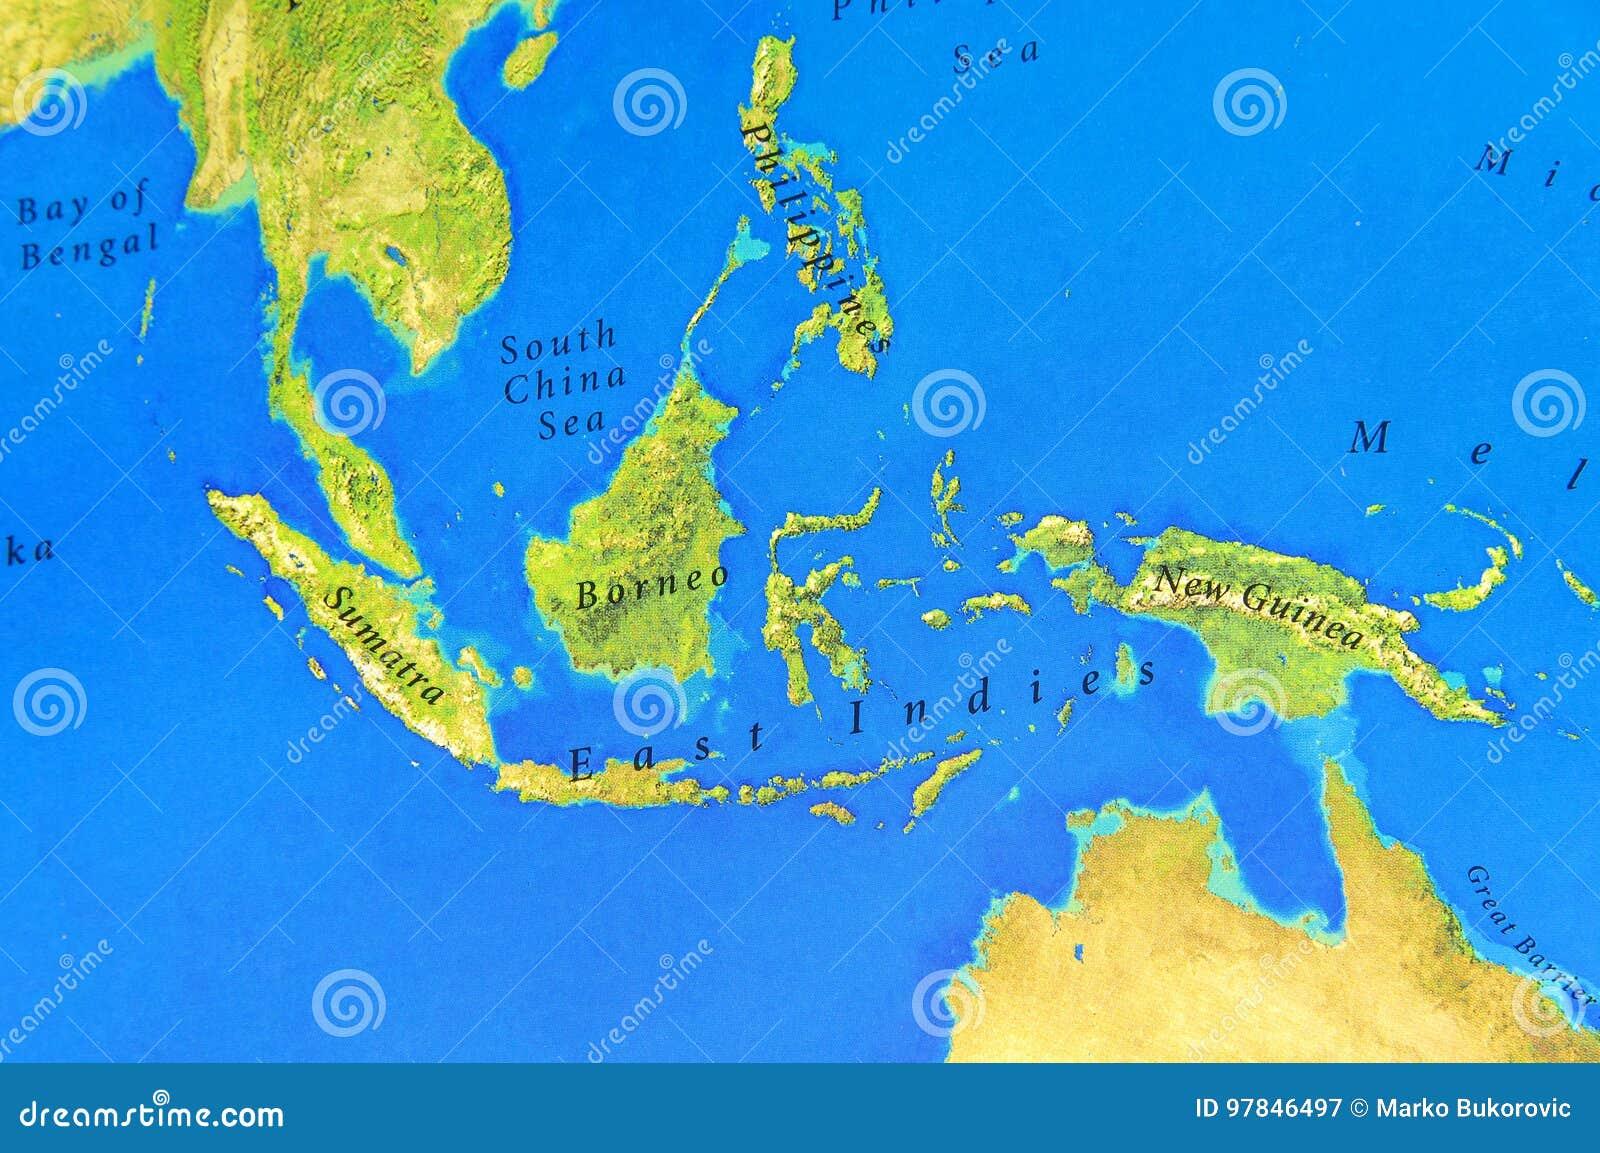 Cartina Geografica Isole Filippine.Mappa Geografica Di Sumatra Del Borneo Della Nuova Guinea E Di Filippine Immagine Stock Immagine Di Viaggio Paese 97846497